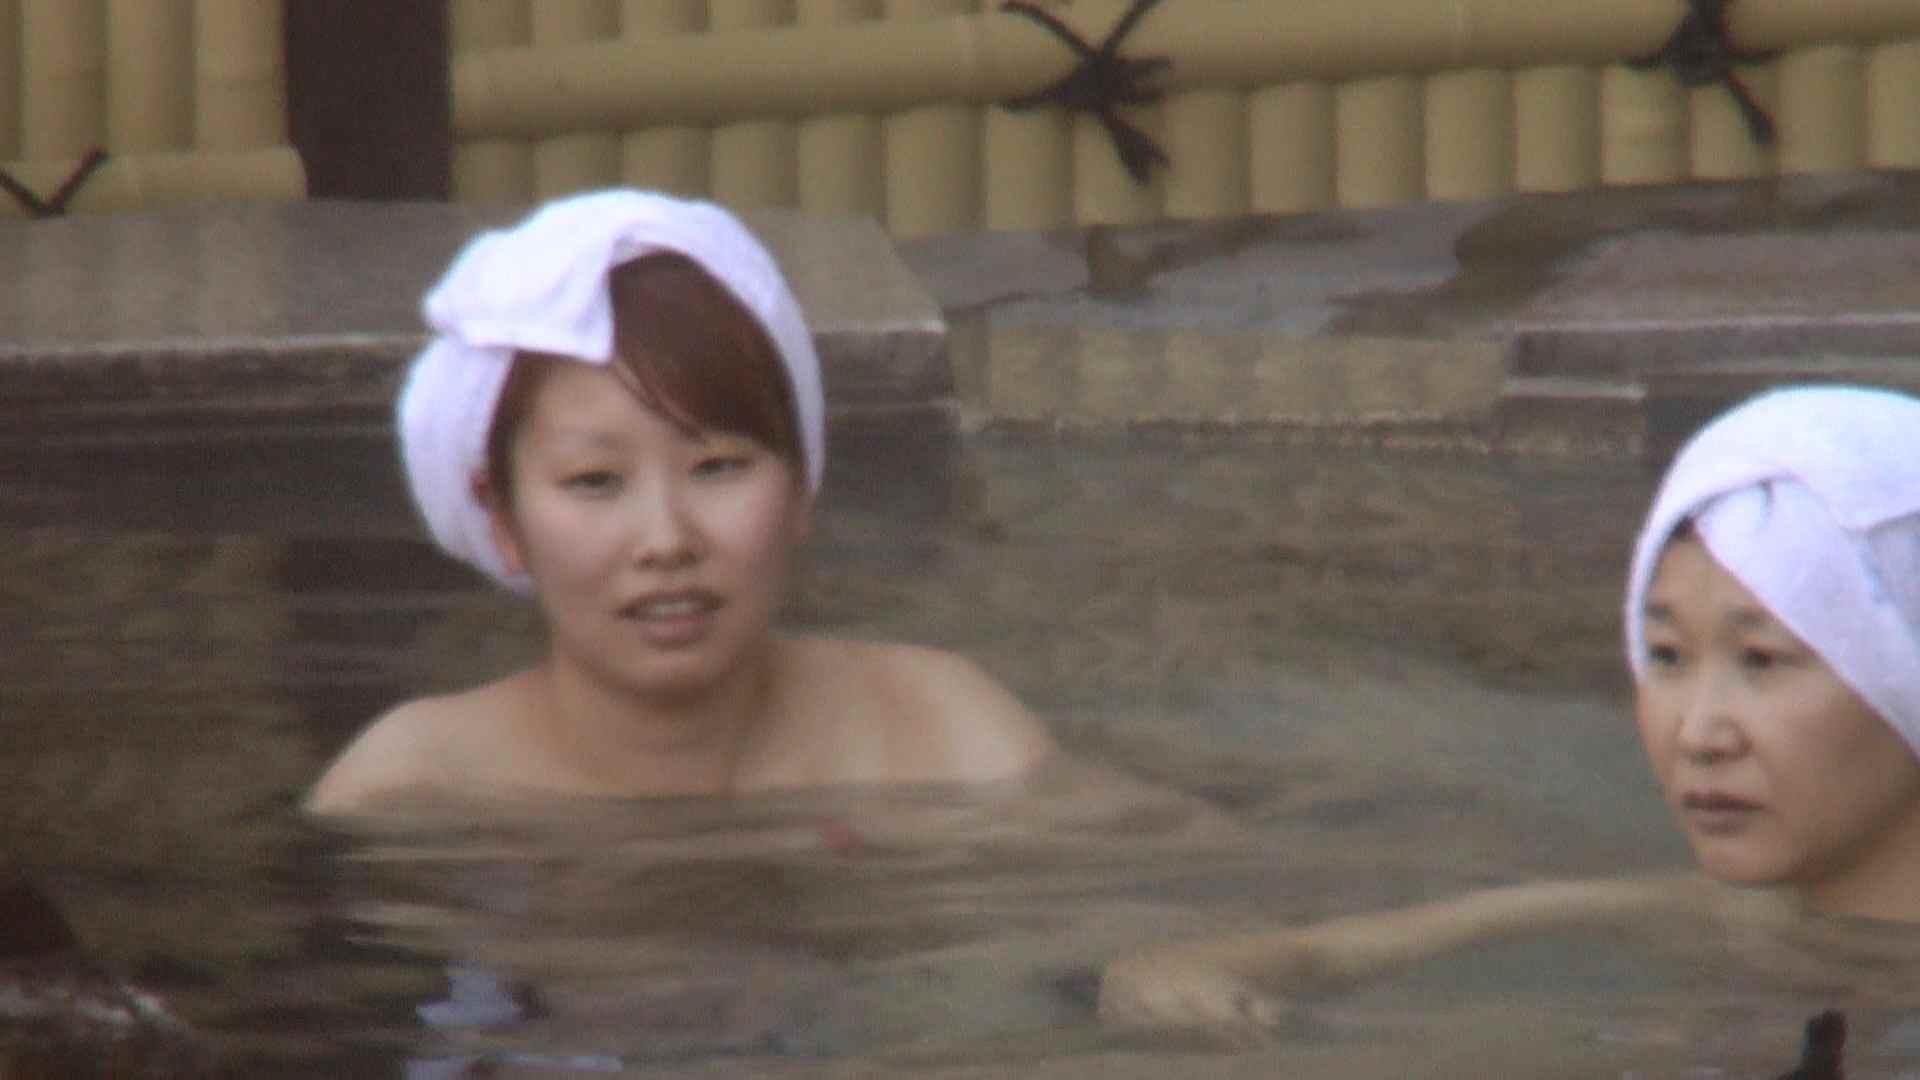 Aquaな露天風呂Vol.210 女体盗撮 隠し撮りオマンコ動画紹介 49連発 23